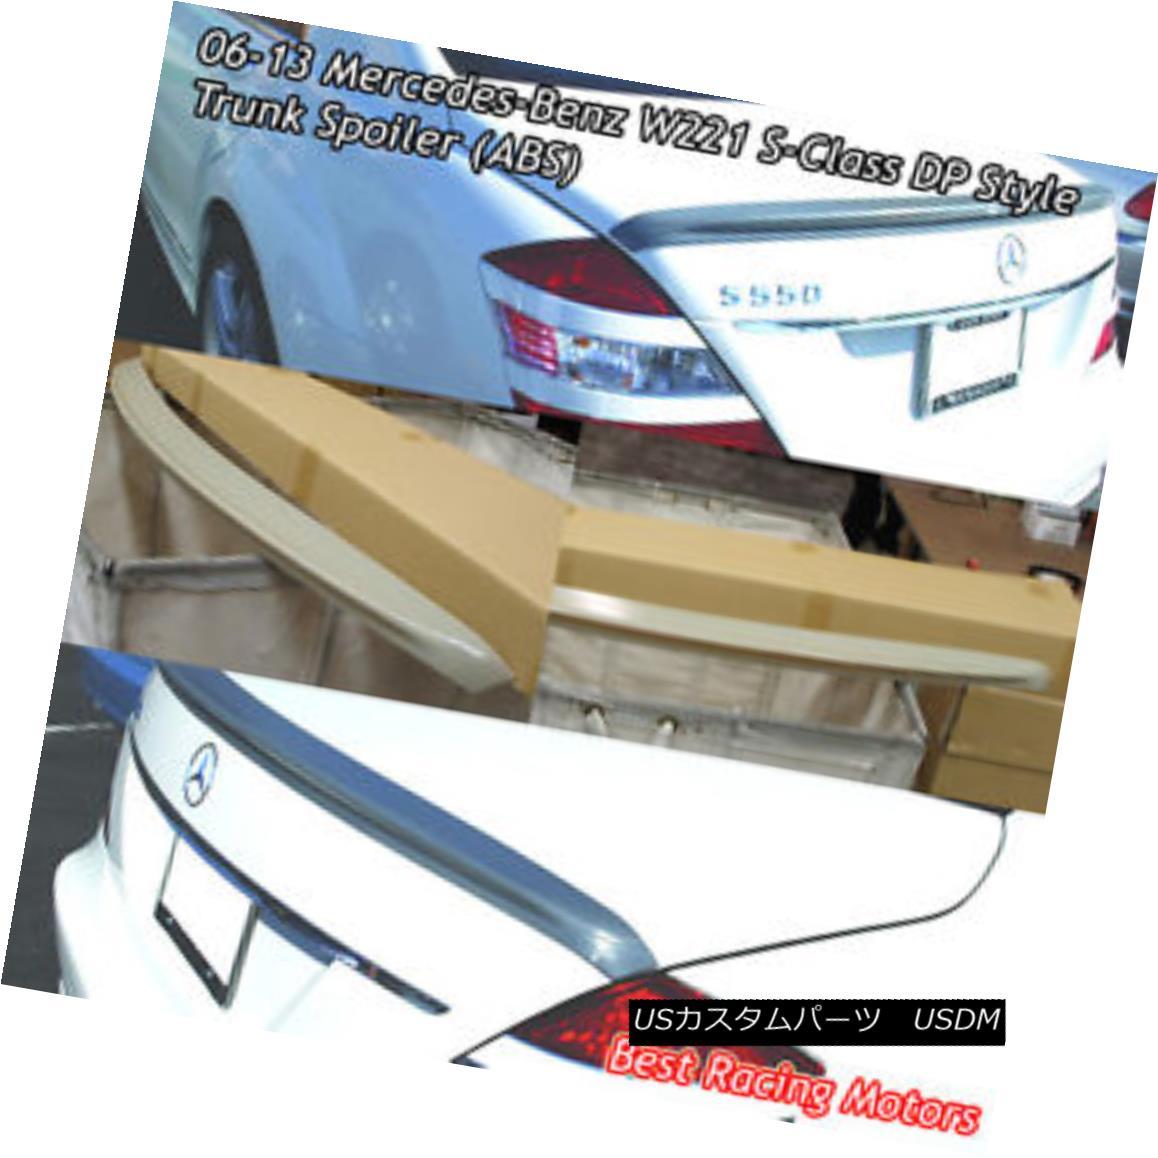 エアロパーツ DP Style Trunk Spoiler Wing (ABS) Fits 06-13 Mercedes-Benz W221 S-Class DPスタイルのトランク・スポイラー・ウィング(ABS)が06-13のメルセデス・ベンツW221 Sクラスに適合